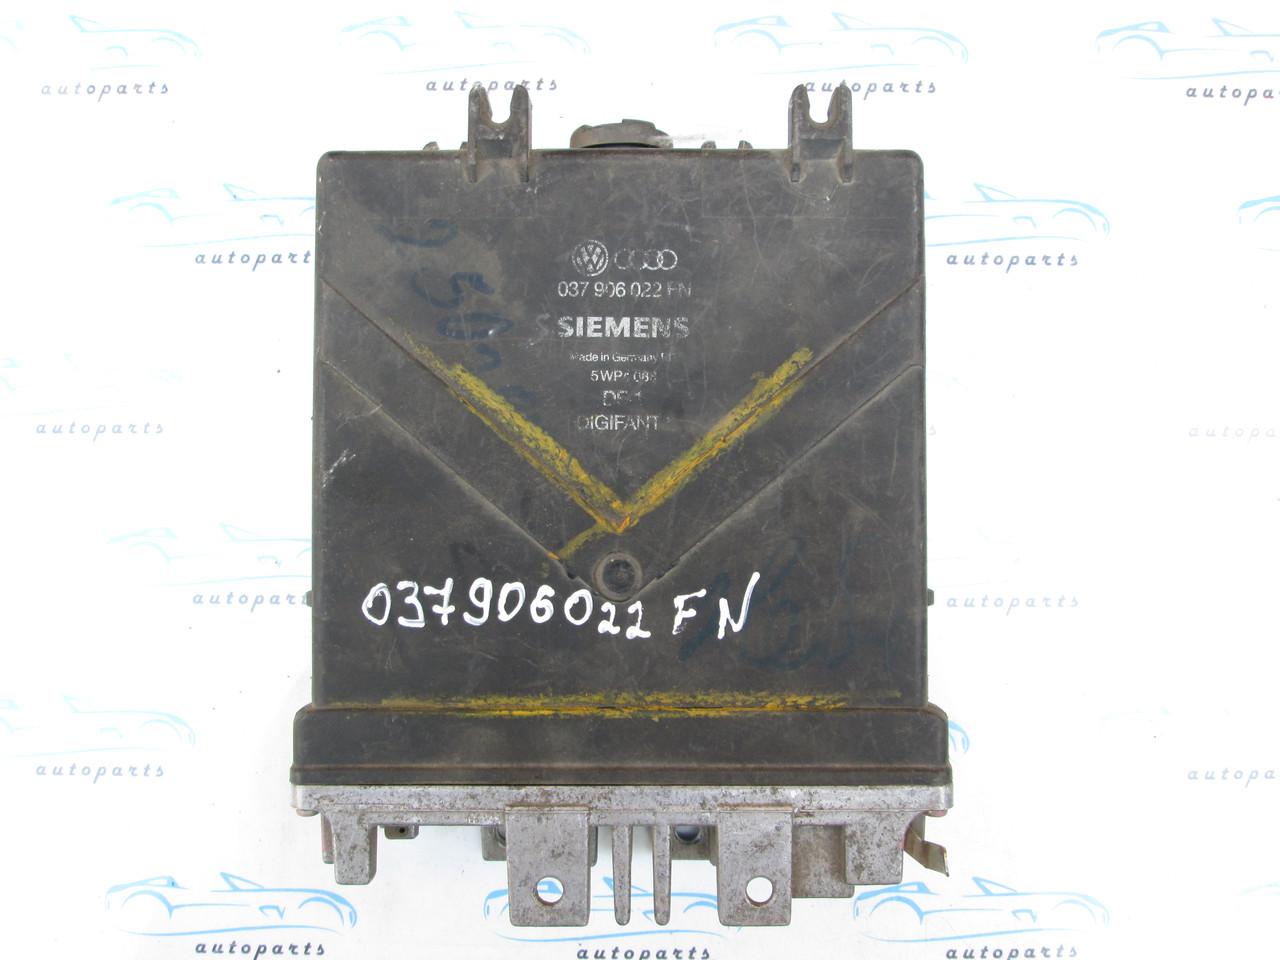 Блок управления VAG 037906022 FN